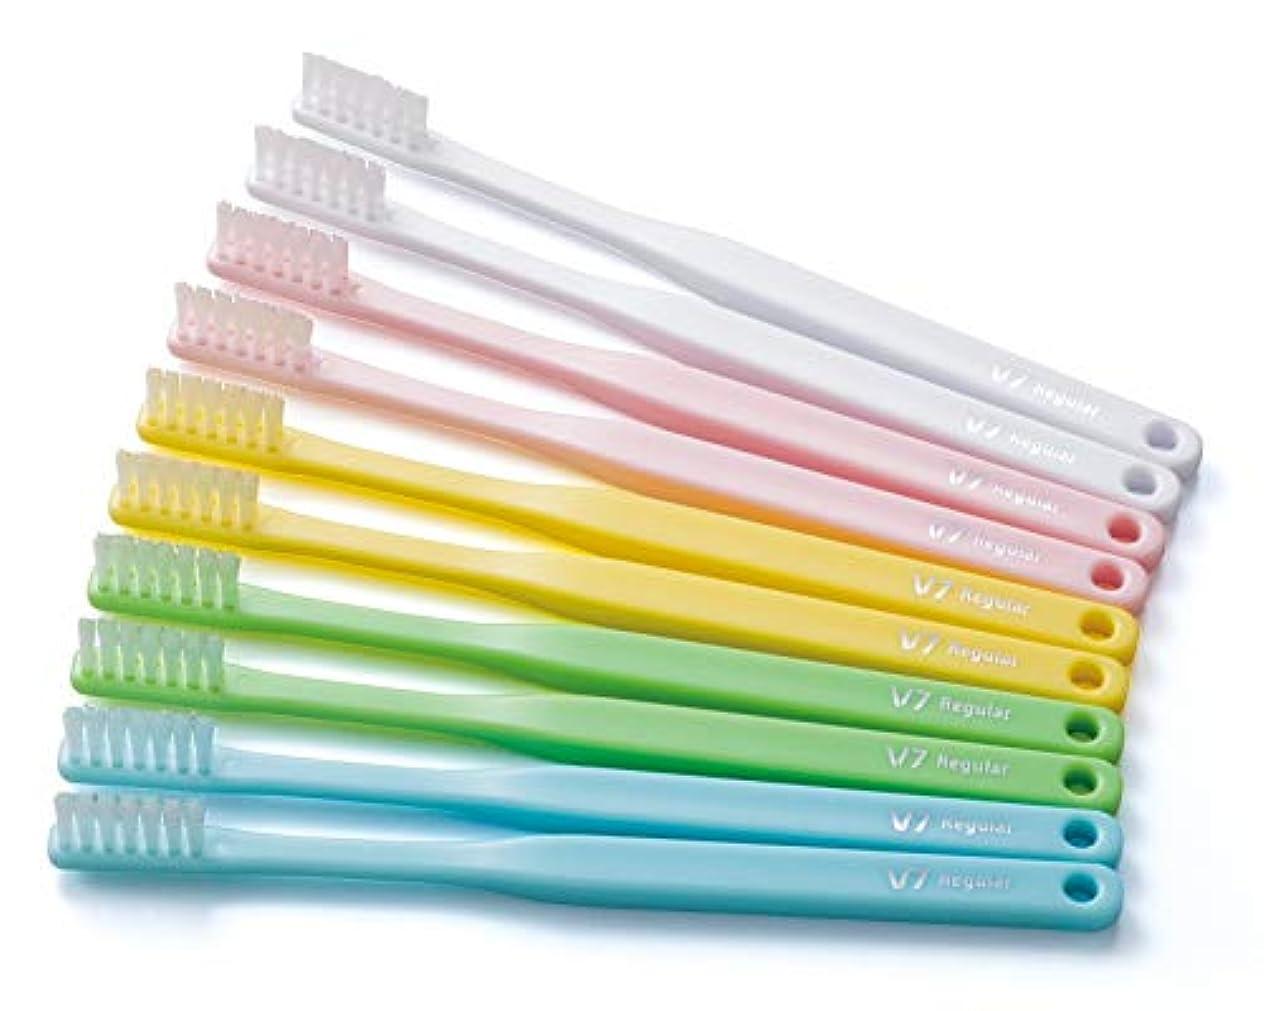 ワイプなぞらえる人類つまようじ法 歯ブラシ V-7 レギュラーヘッド 歯科向け 10本入